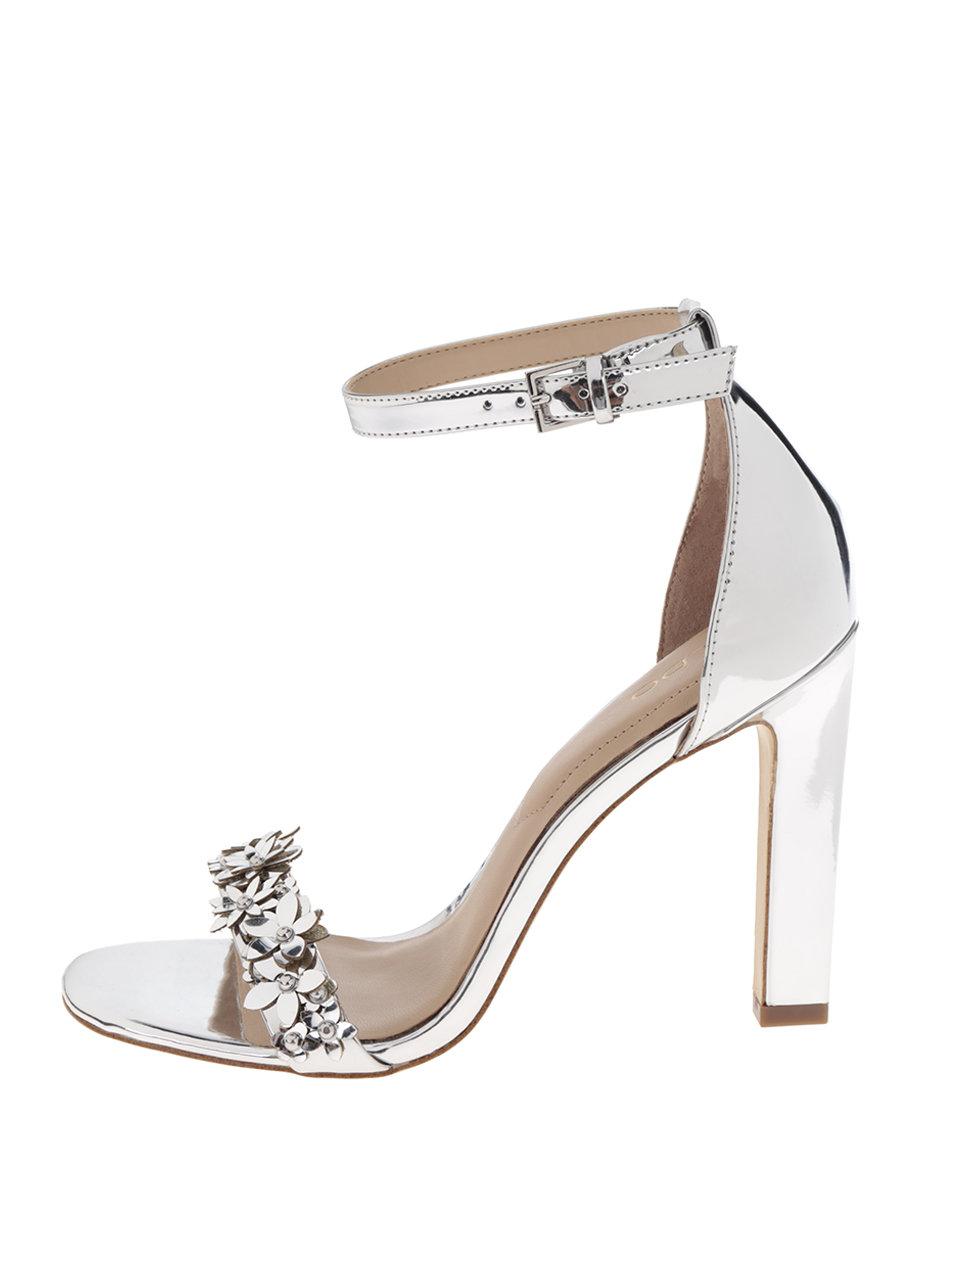 bd81a71a8e98 Sandále v striebornej farbe na vysokom podpätku ALDO Milaa ...